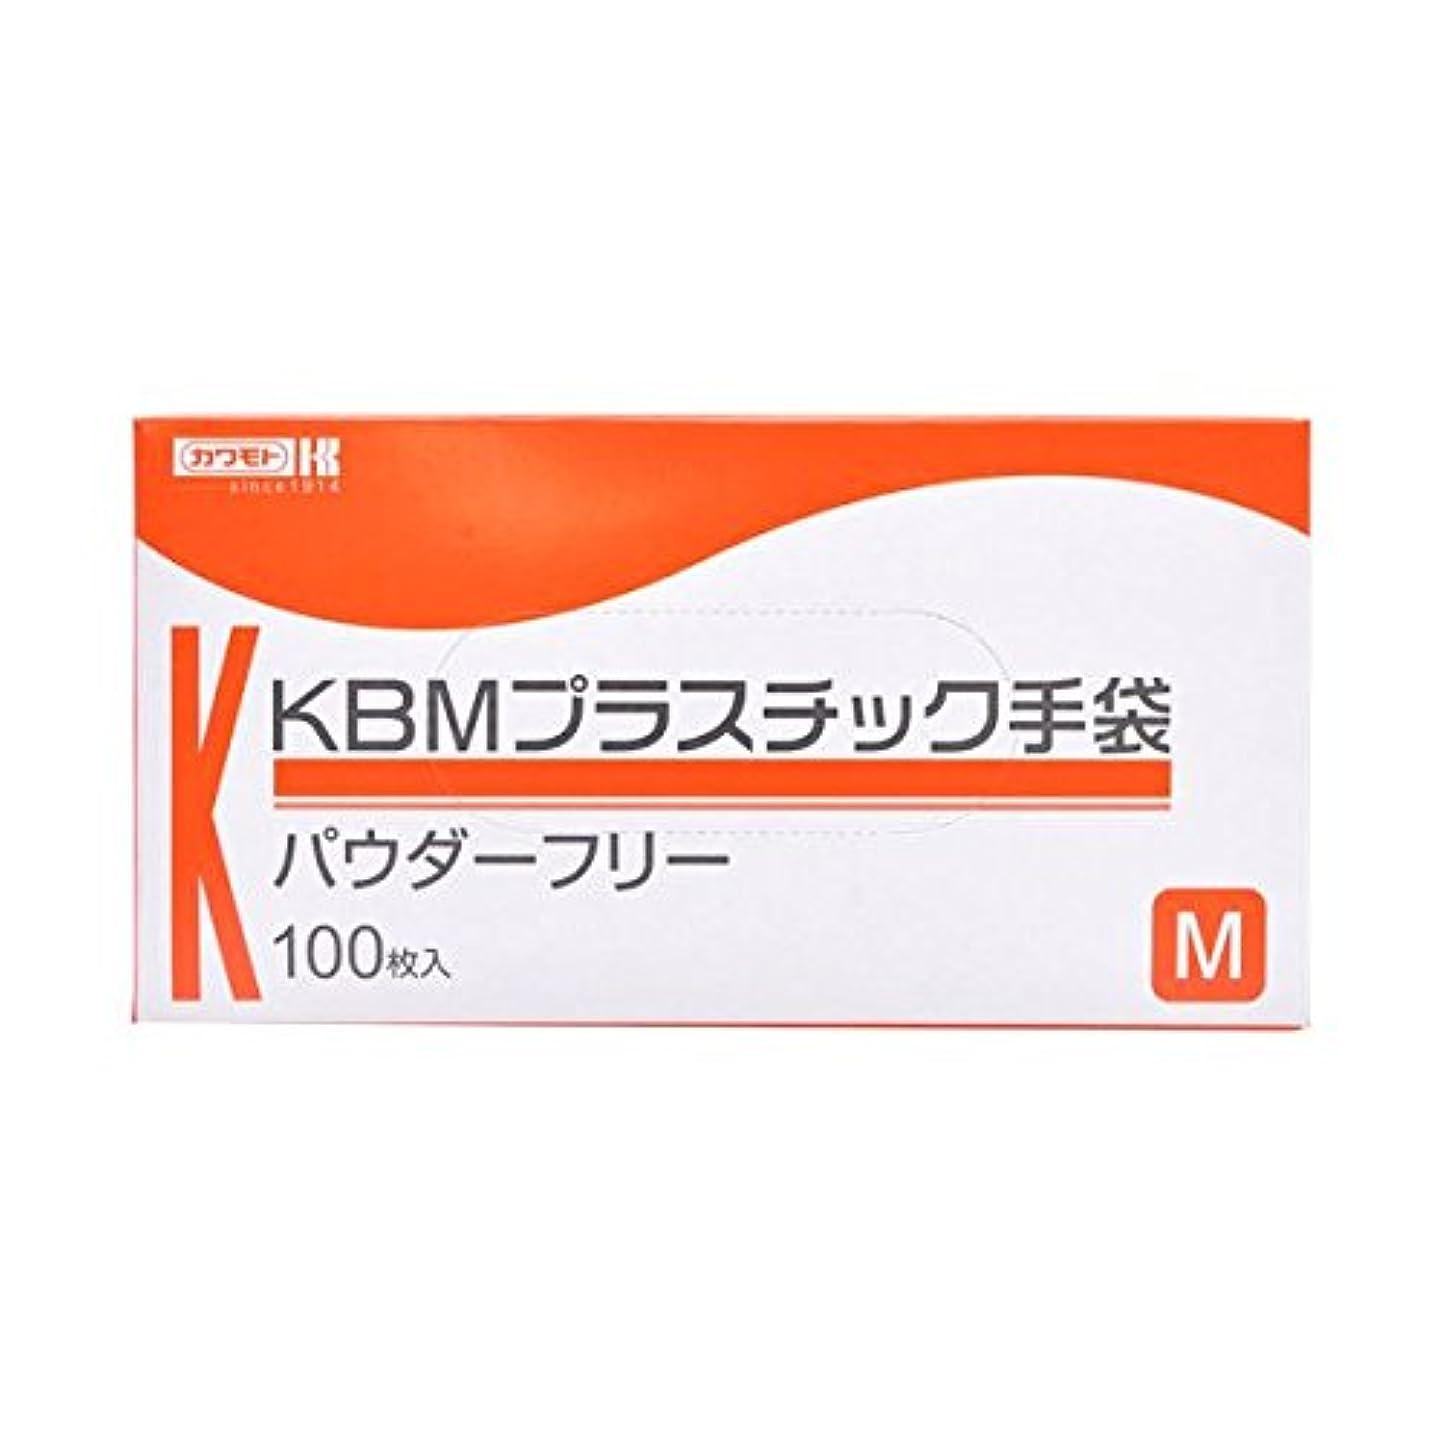 純粋に愛国的な制約川本産業 KBMプラスチック手袋 パウダーフリー M 100枚入 ×3個